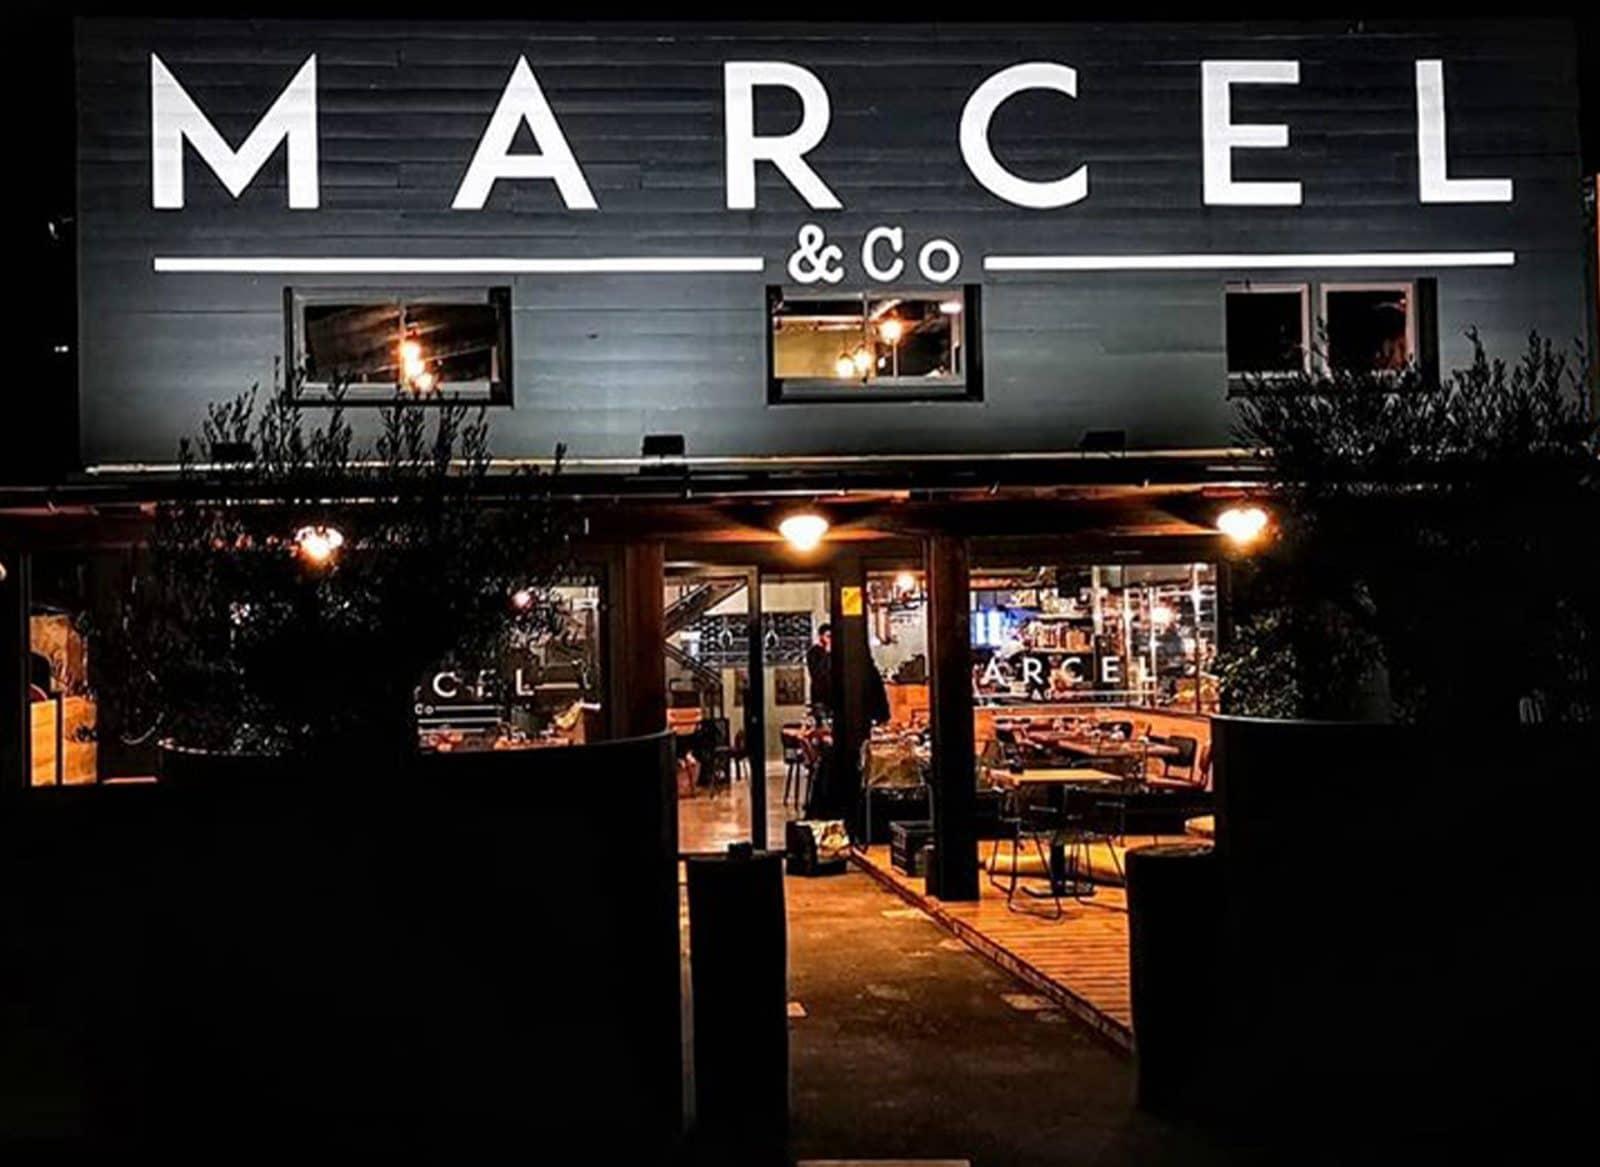 Conception et fabrication de pochoir pour une enseigne en peinture / Marcel & Co - Fréjorgues